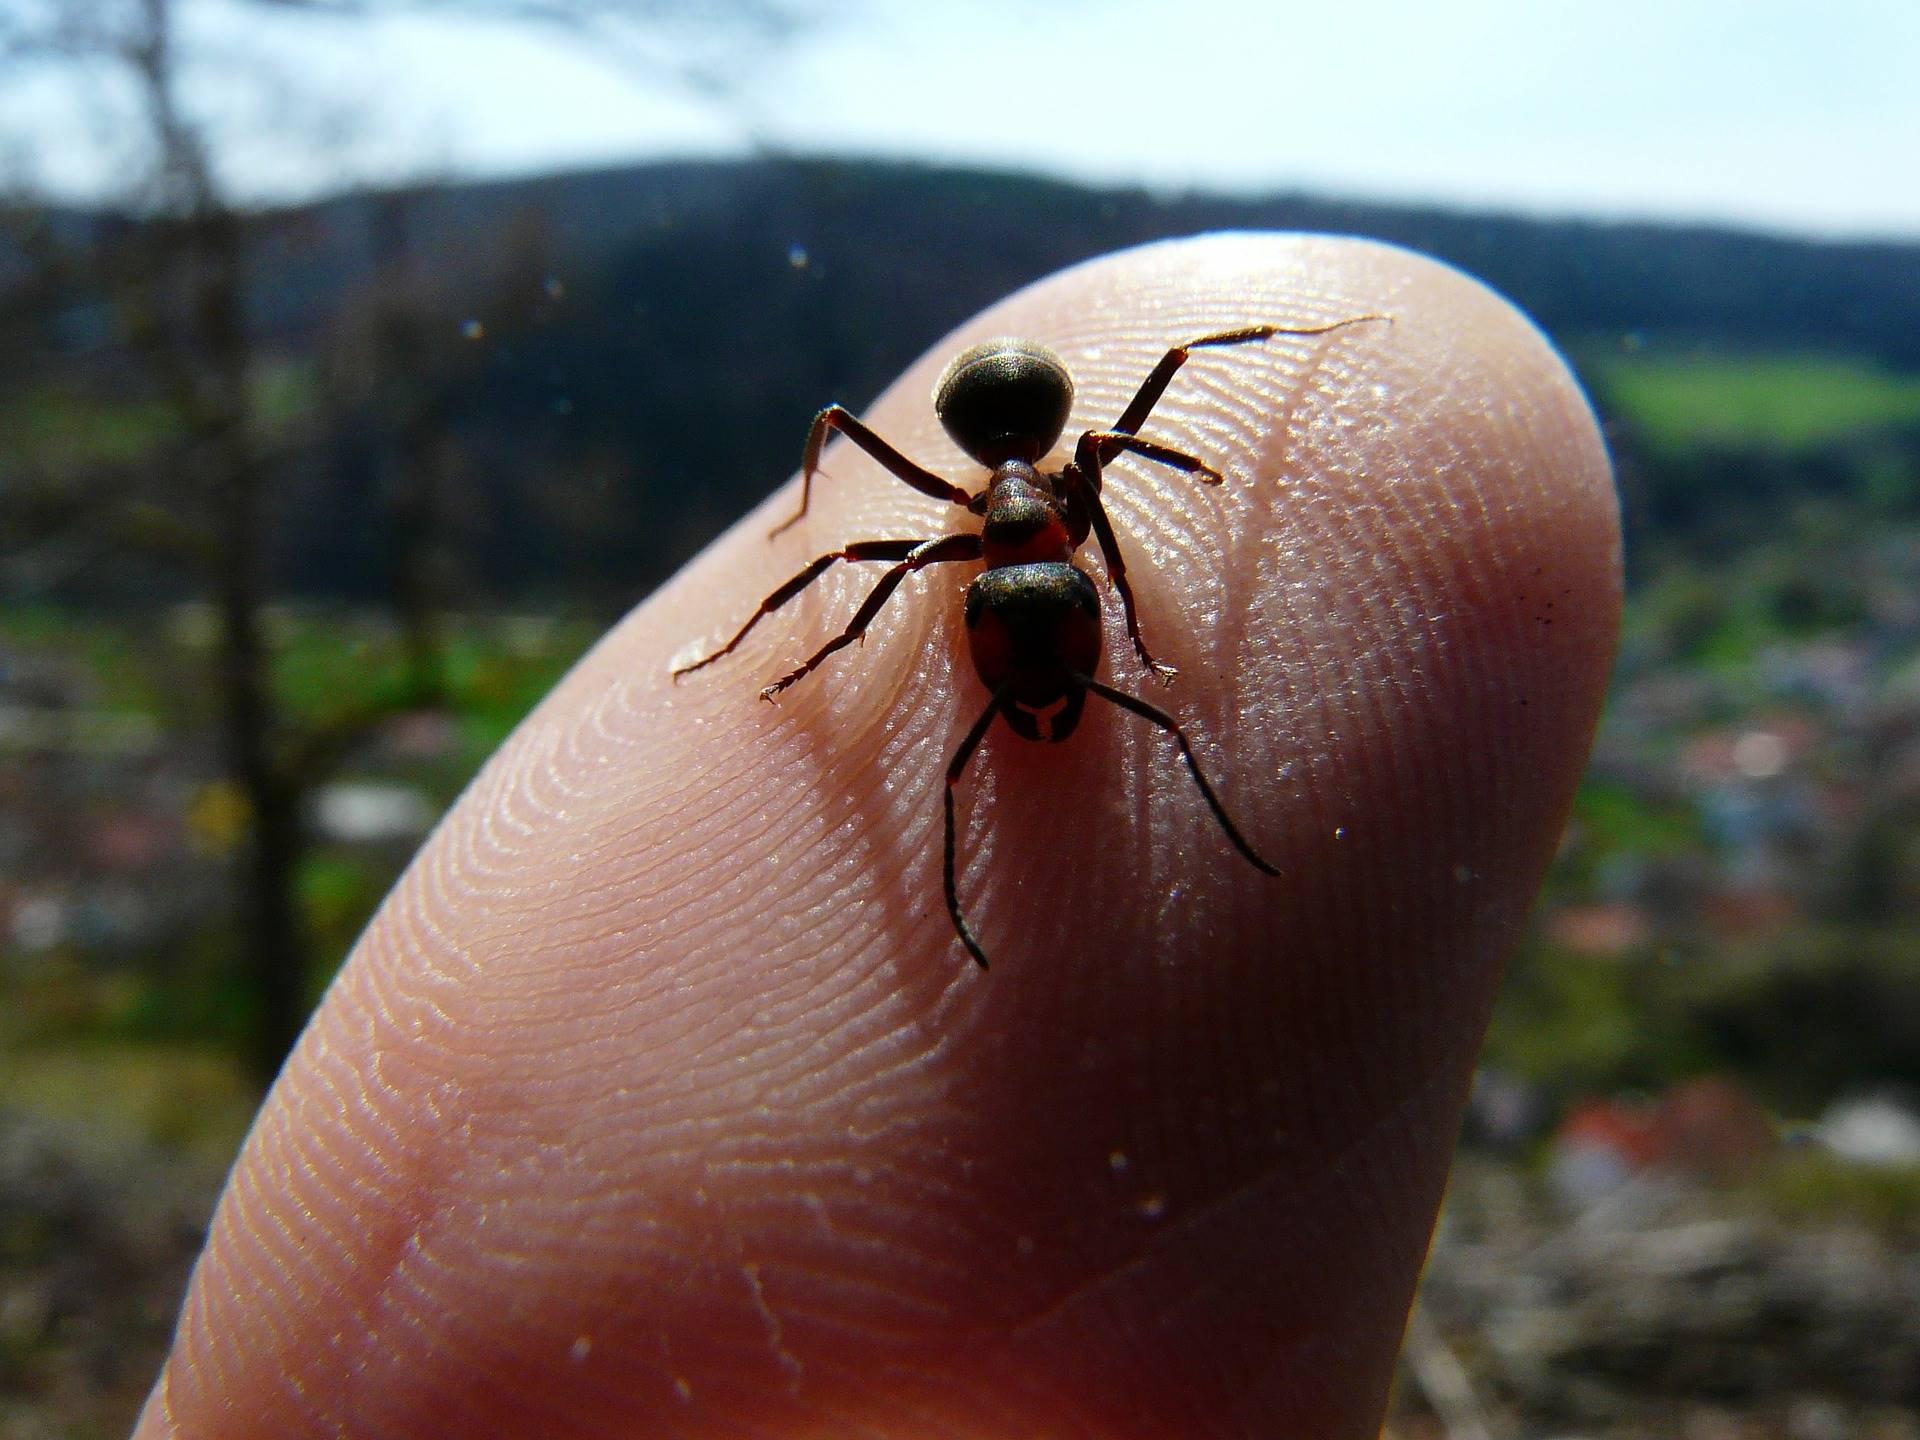 Mieren regeren de wereld, zet de suiker in de koelkast!